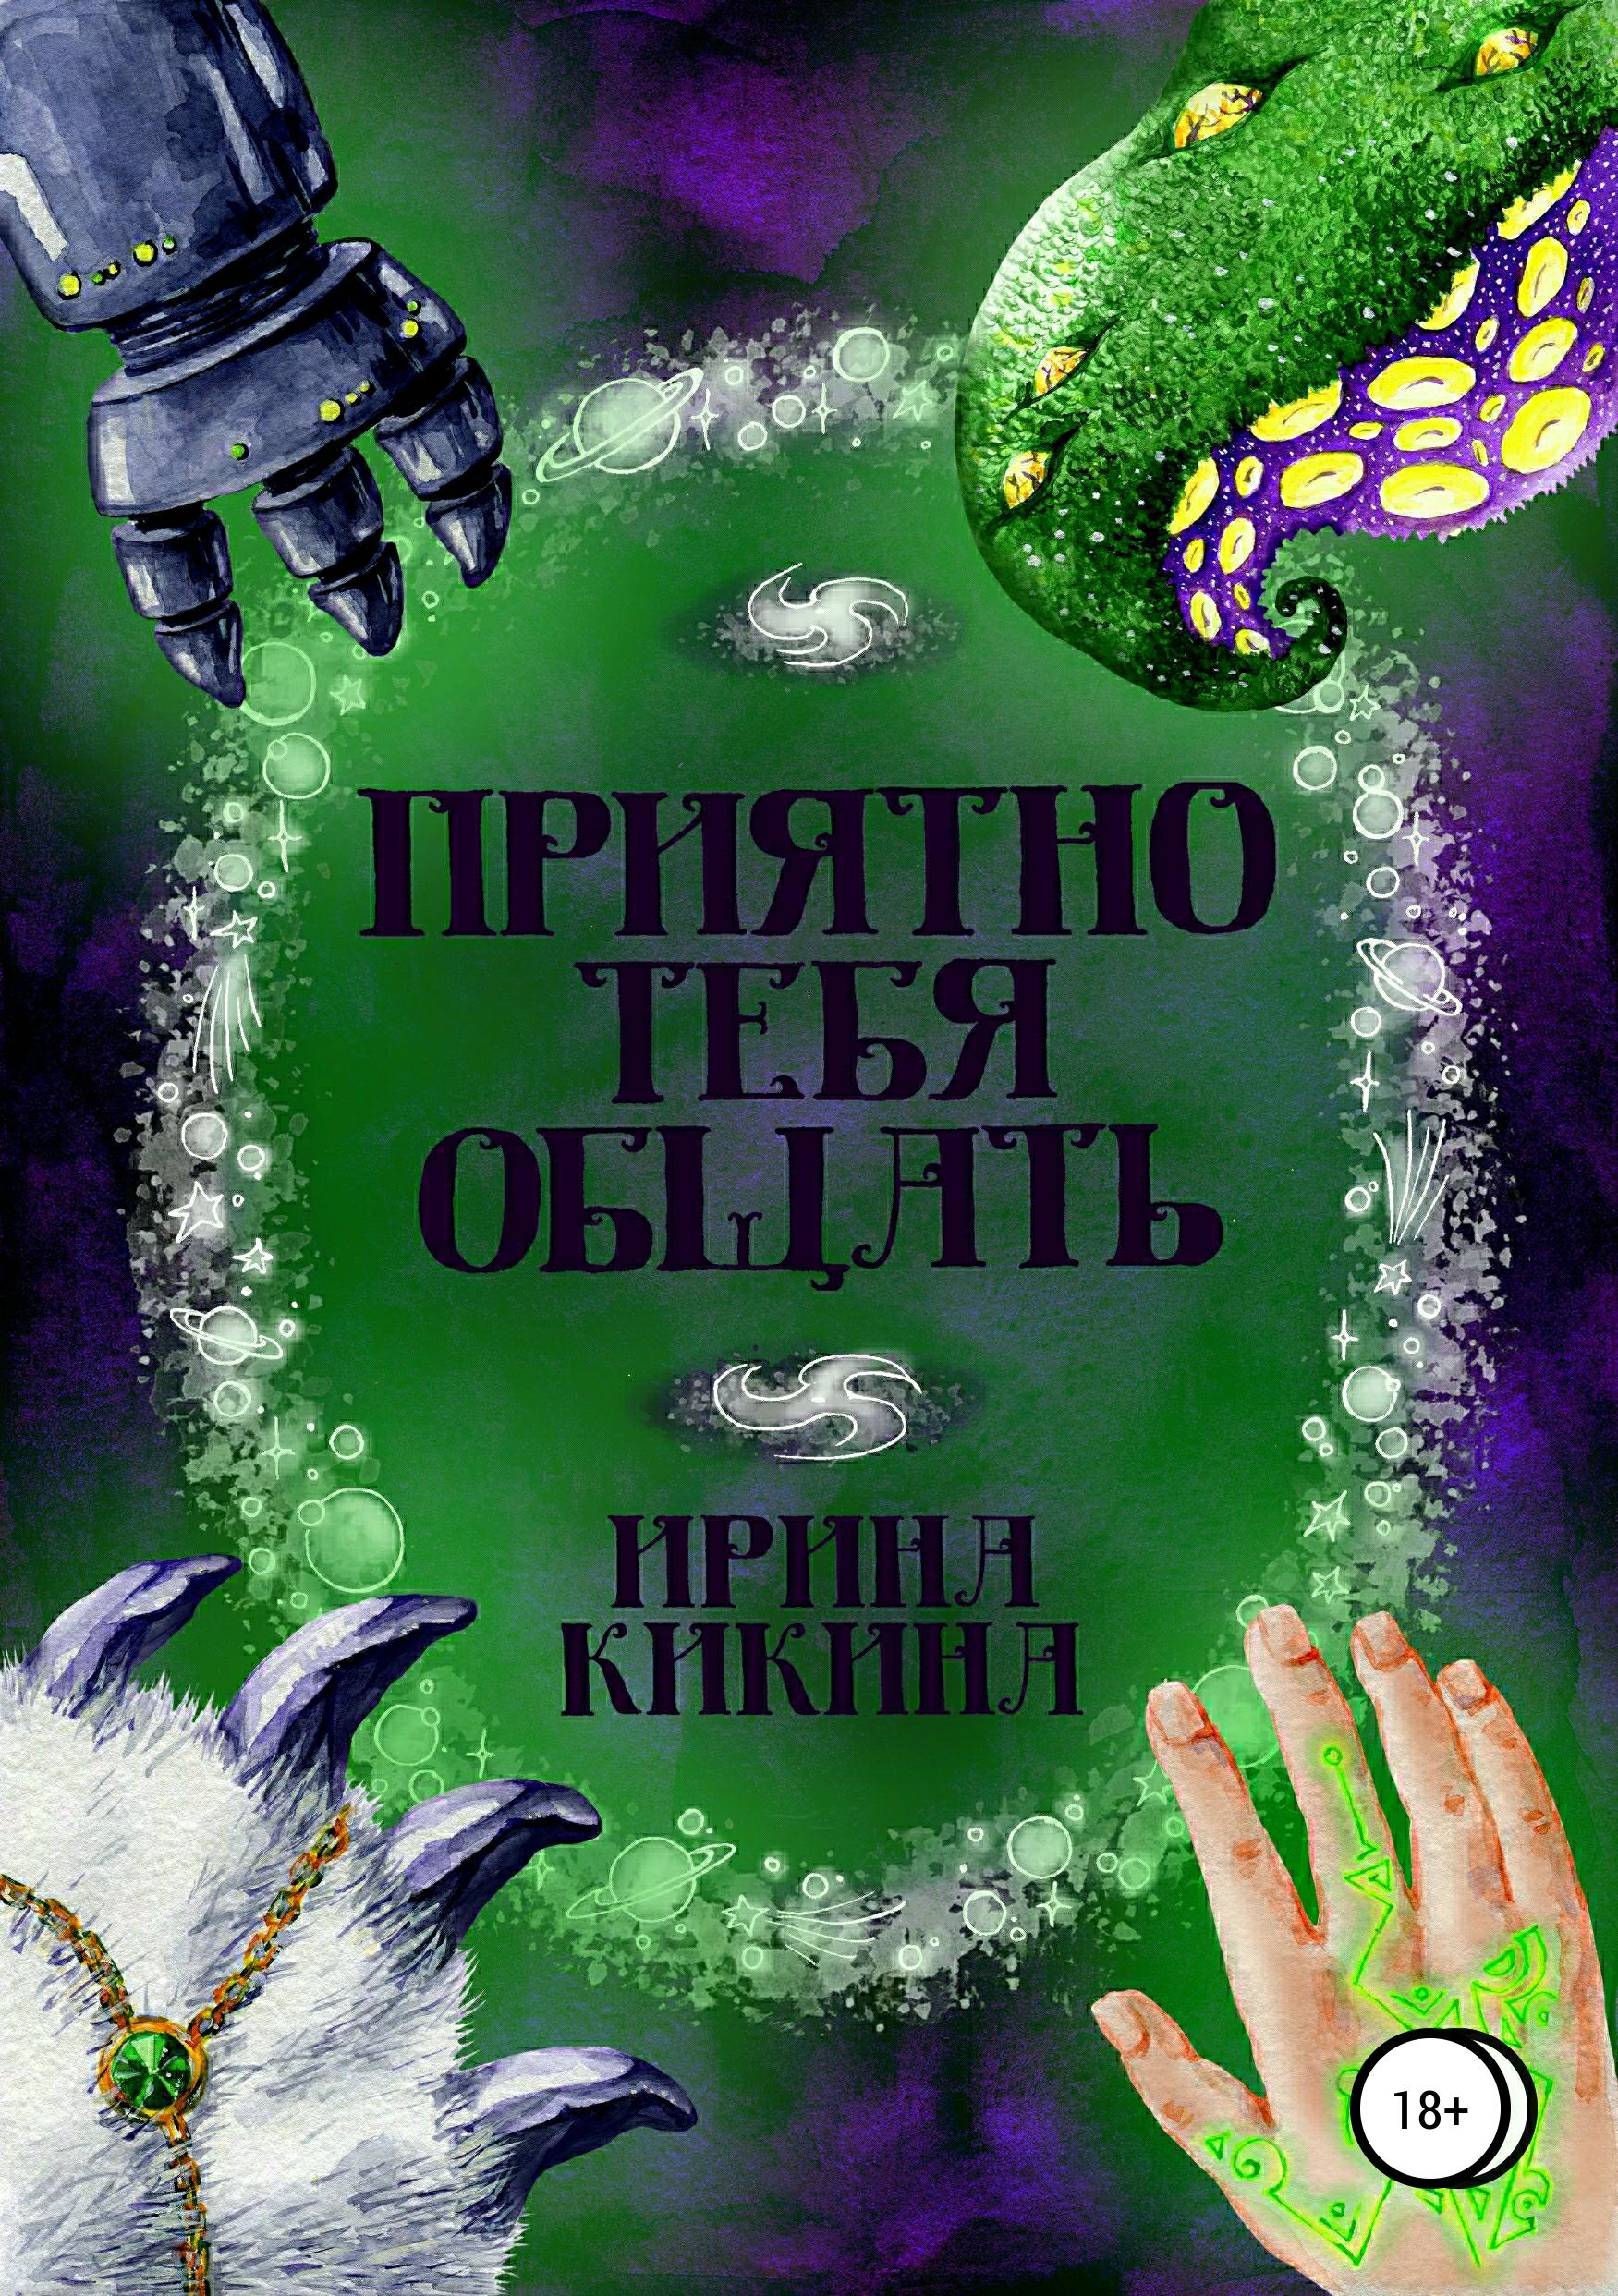 Ирина Евгеньевна Кикина Приятно тебя общать гурина ирина валерьевна ложечку за маму